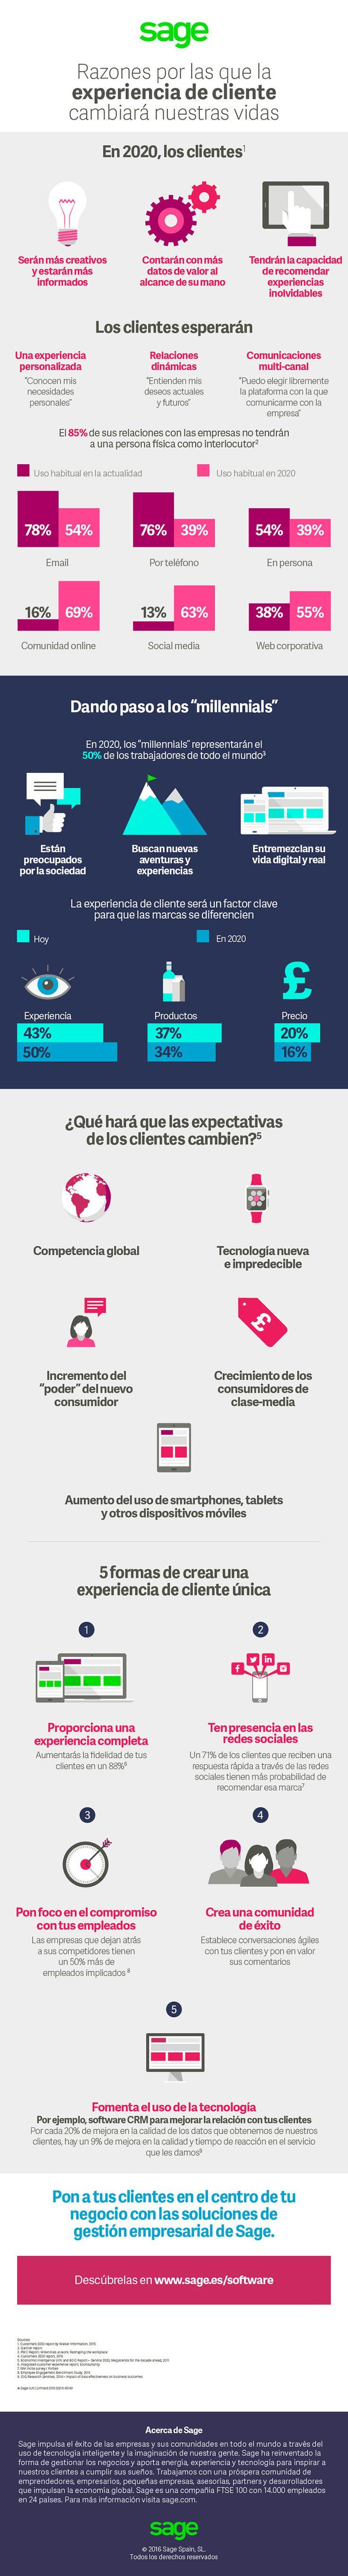 Cómo la Experiencia de Cliente cambiará nuestras vidas #infografia